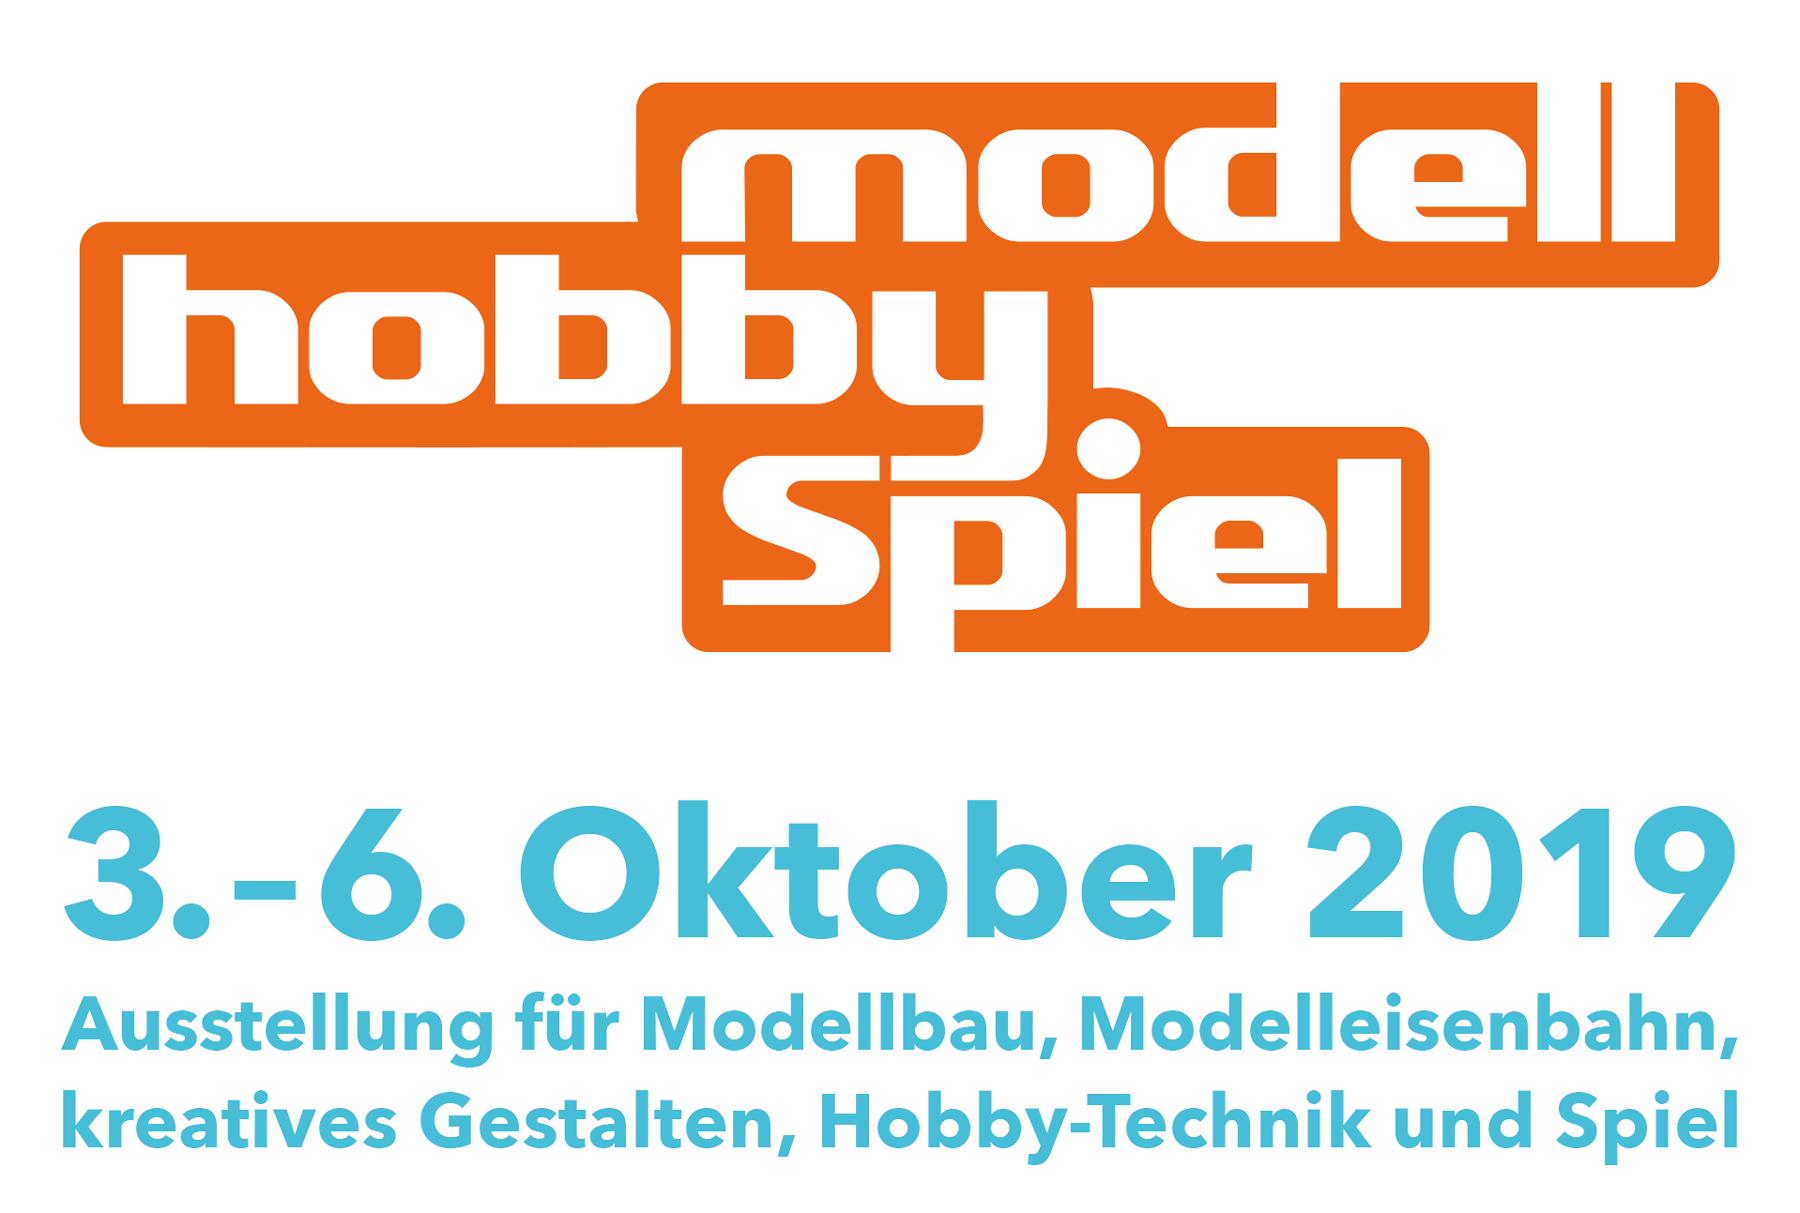 [lokal - Leipzig] Modell-Hobby-Spiel Messe, Promo-Code für 9,90€ statt 14€ Eintritt